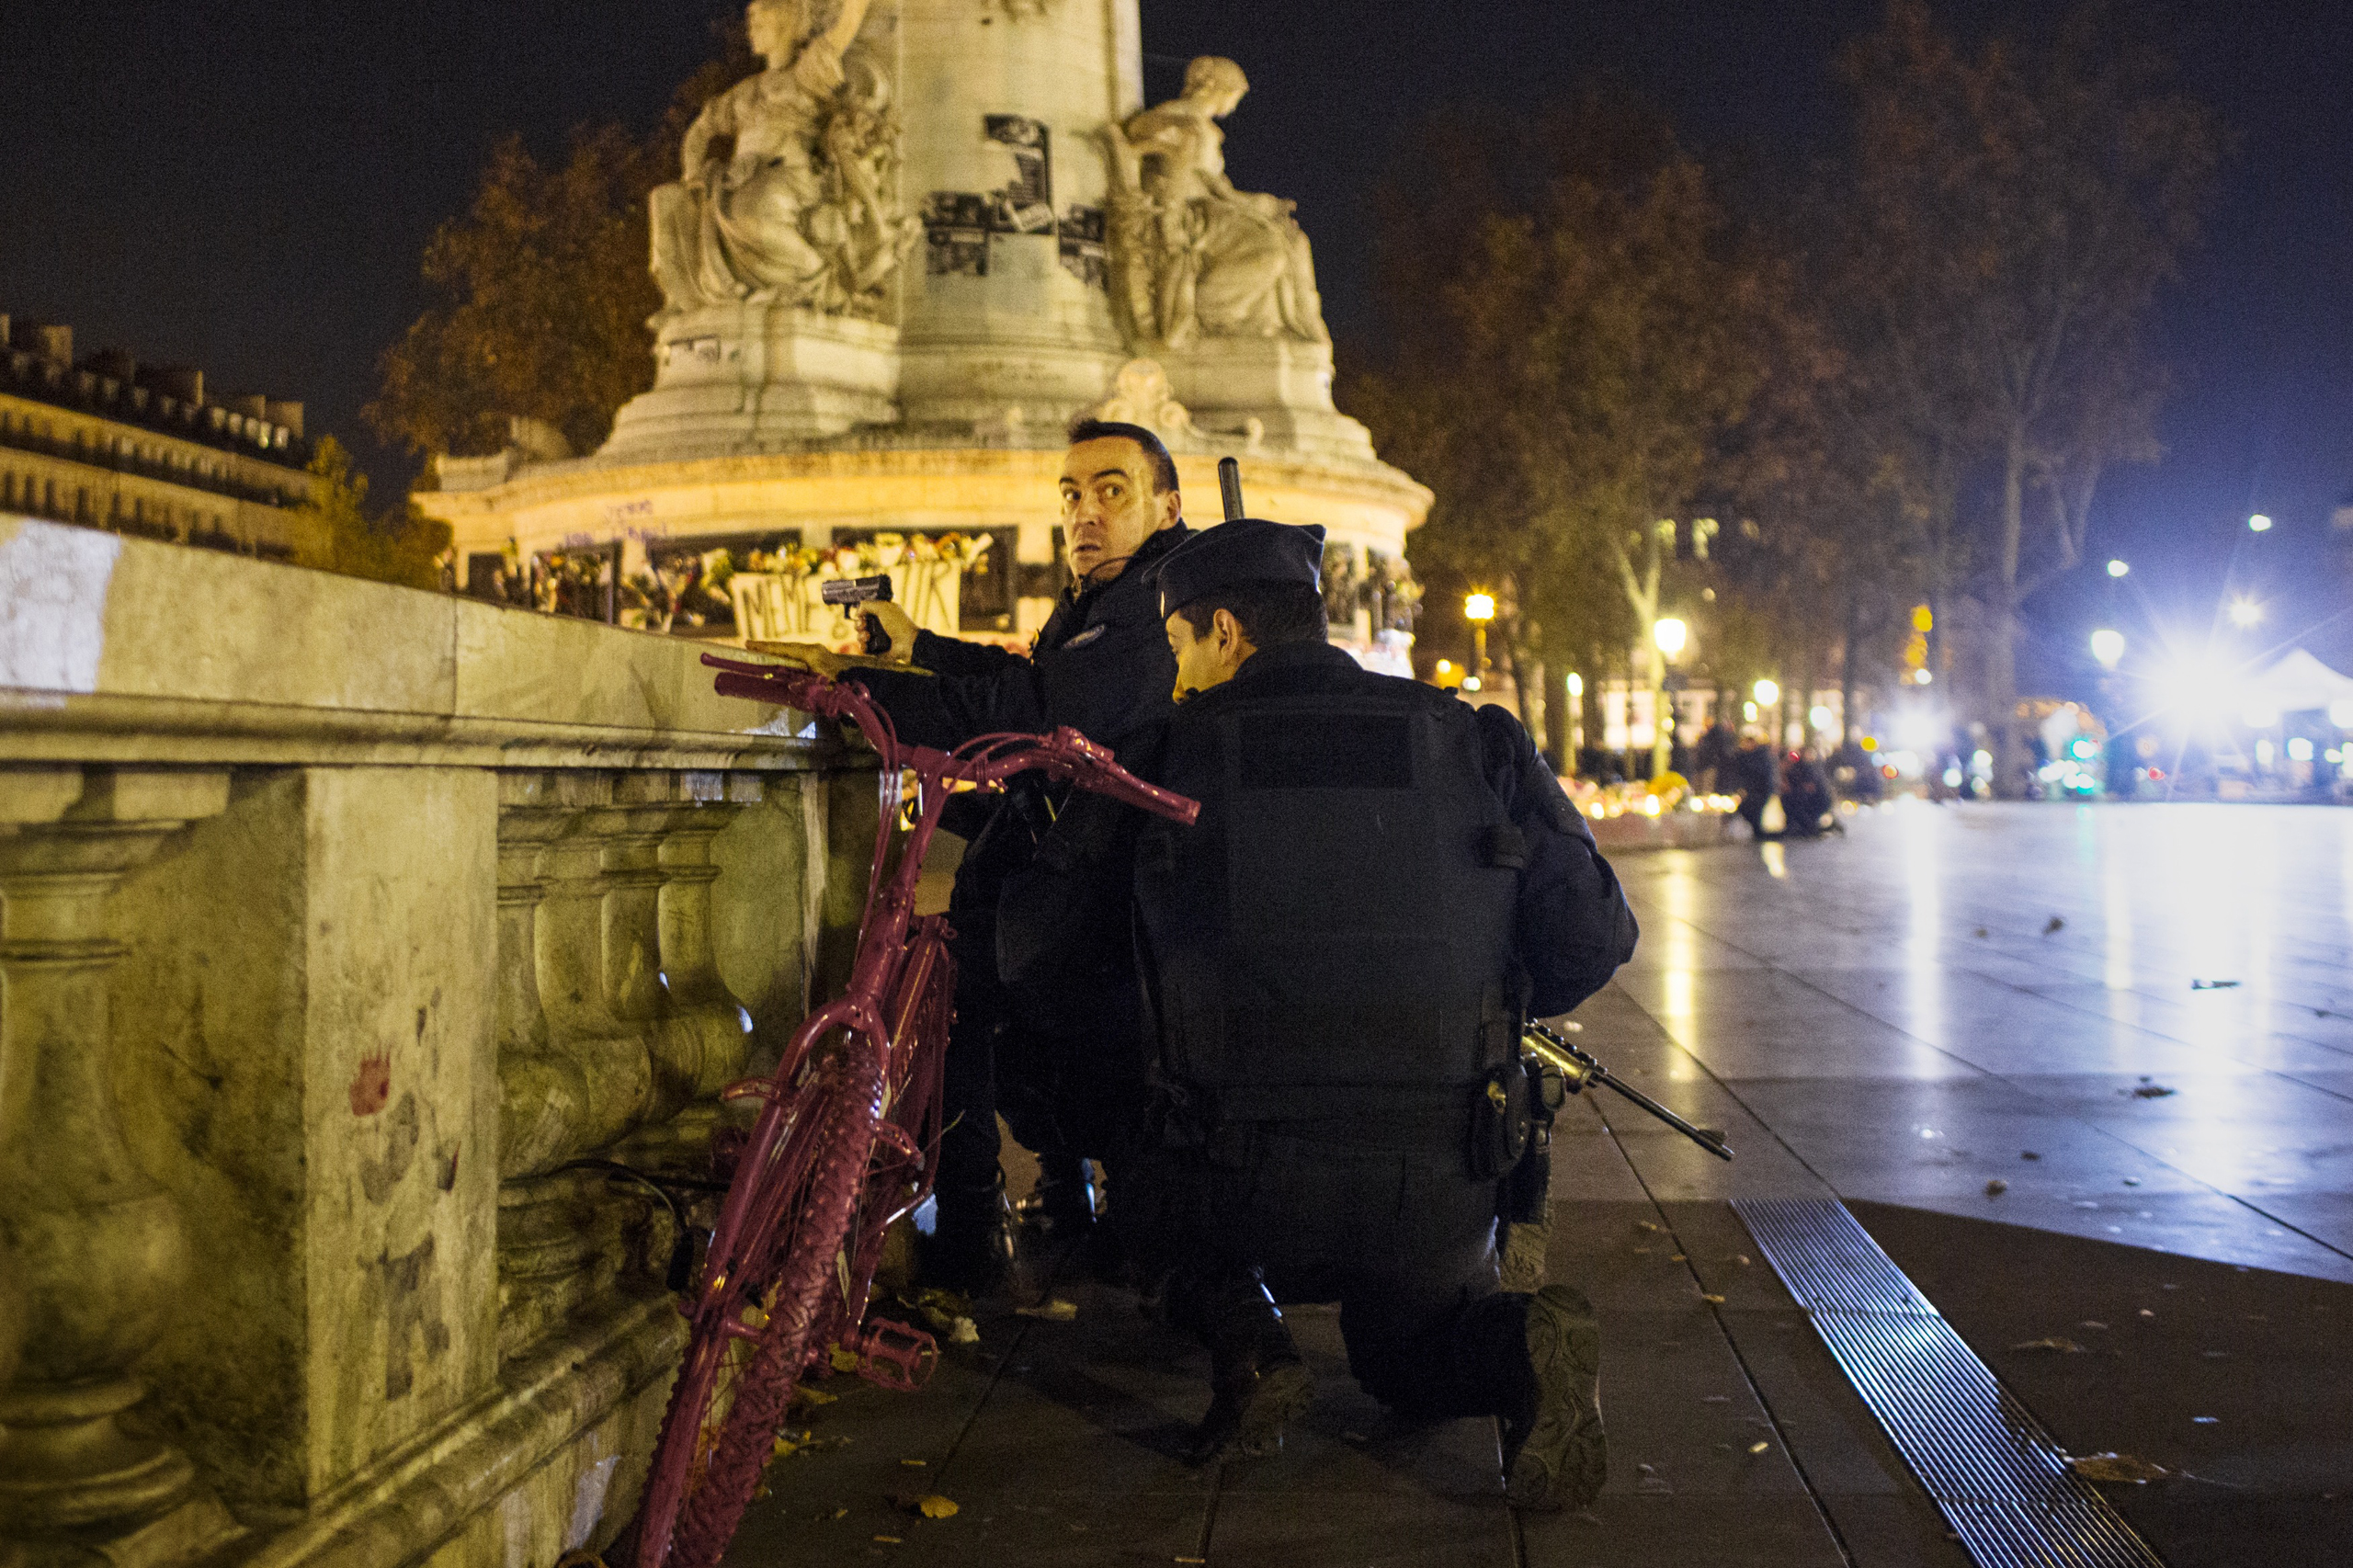 Armed police take aim in Paris' Place de la République during a false alarm on Nov.15